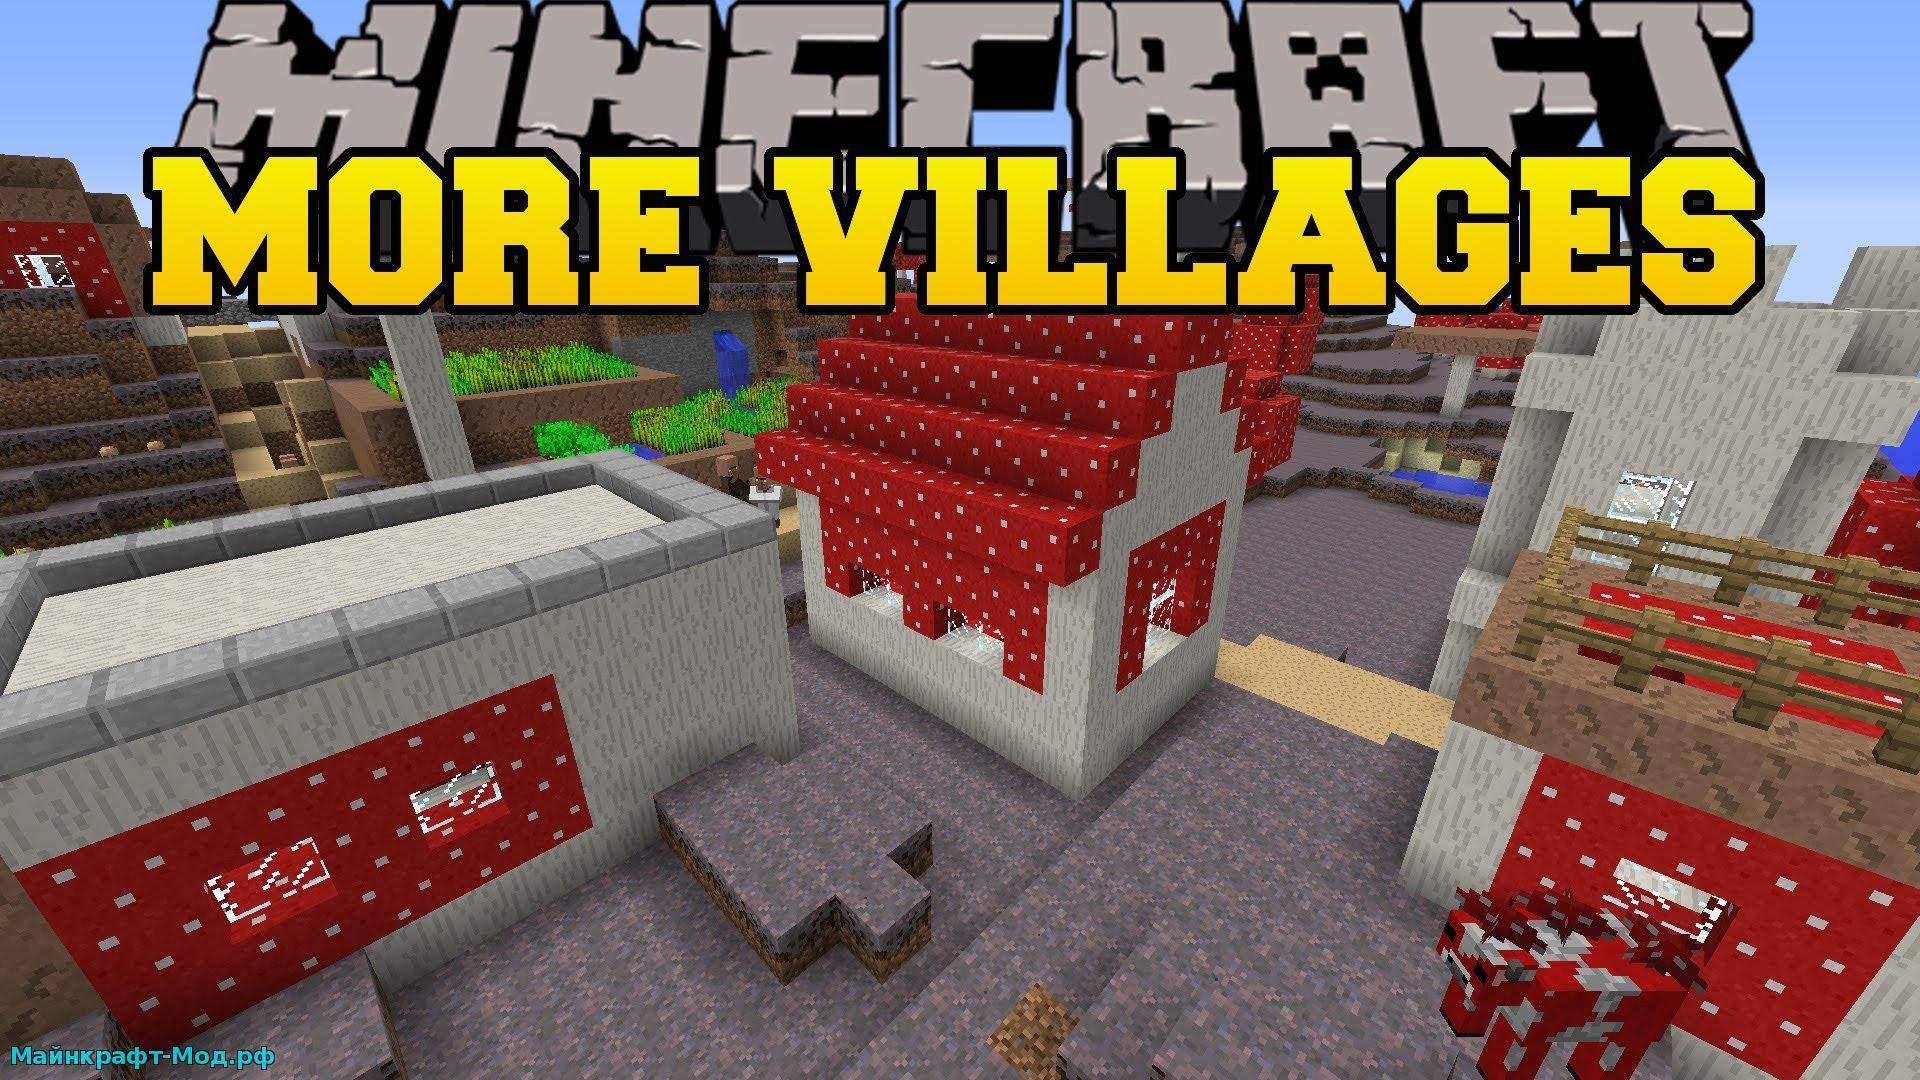 Майнкрафт сиды на деревни